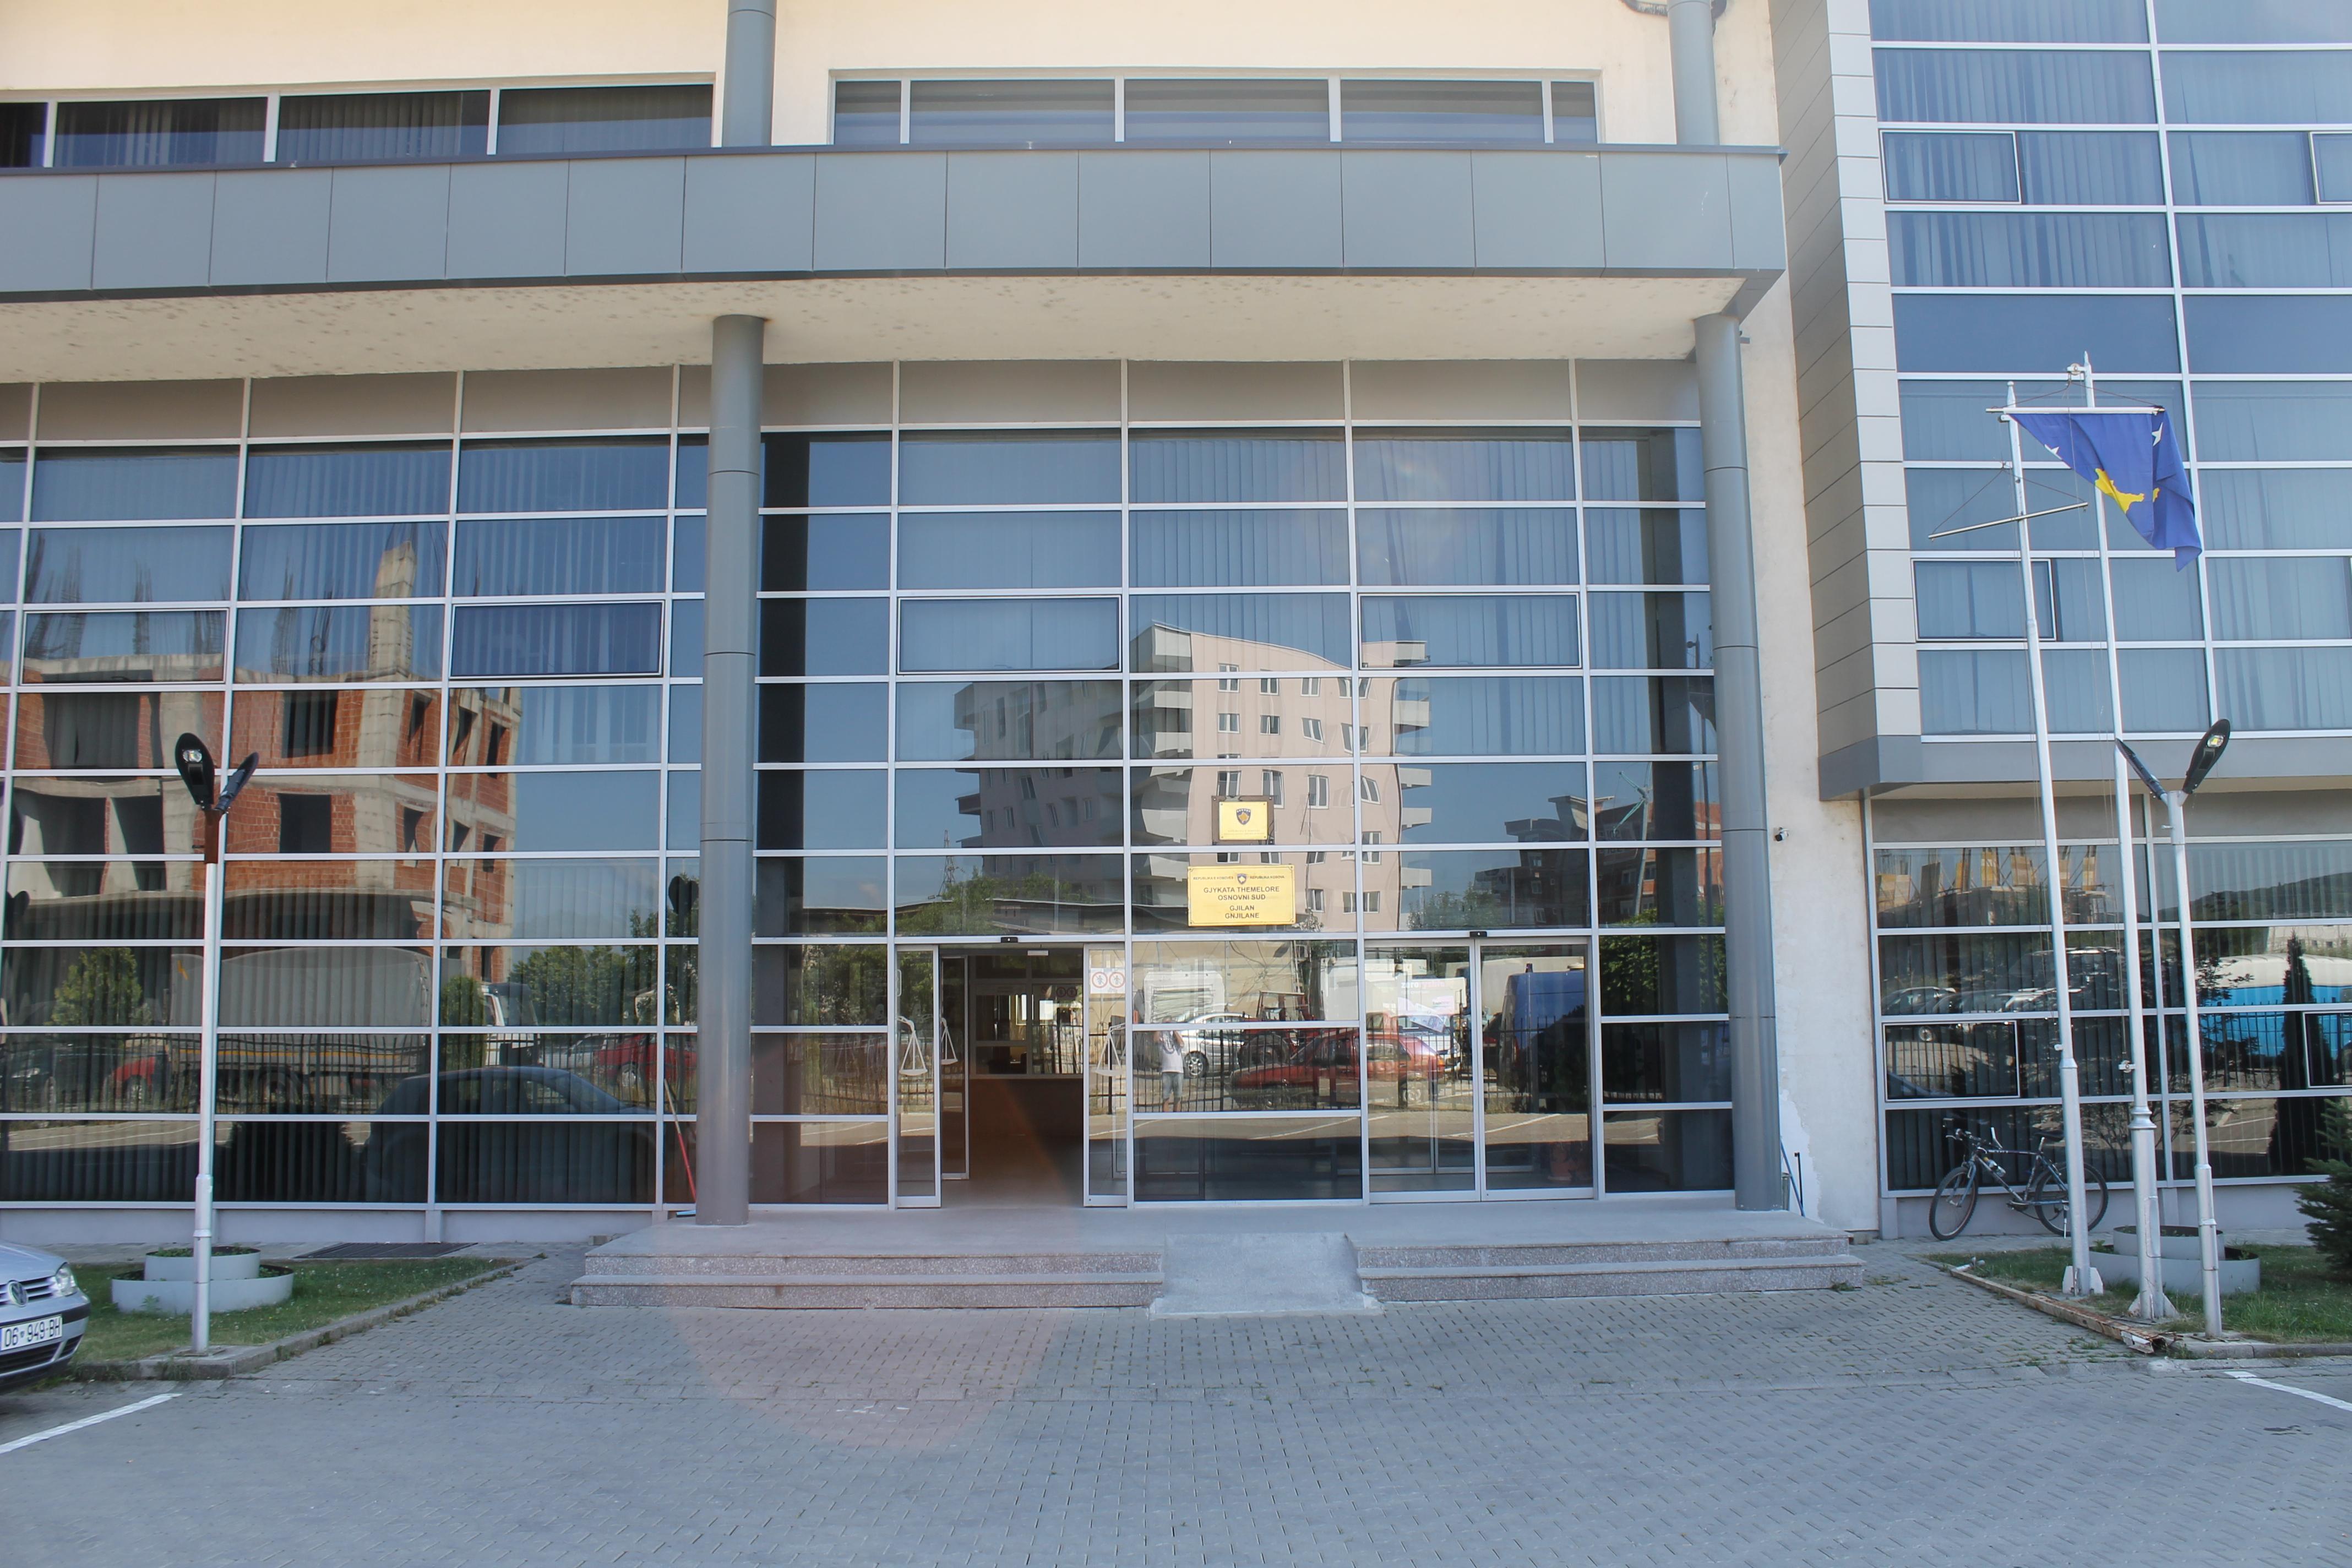 12 vite burgim dhe 10.000 Euro gjobë të akuzuarve K. R. dhe B. M.